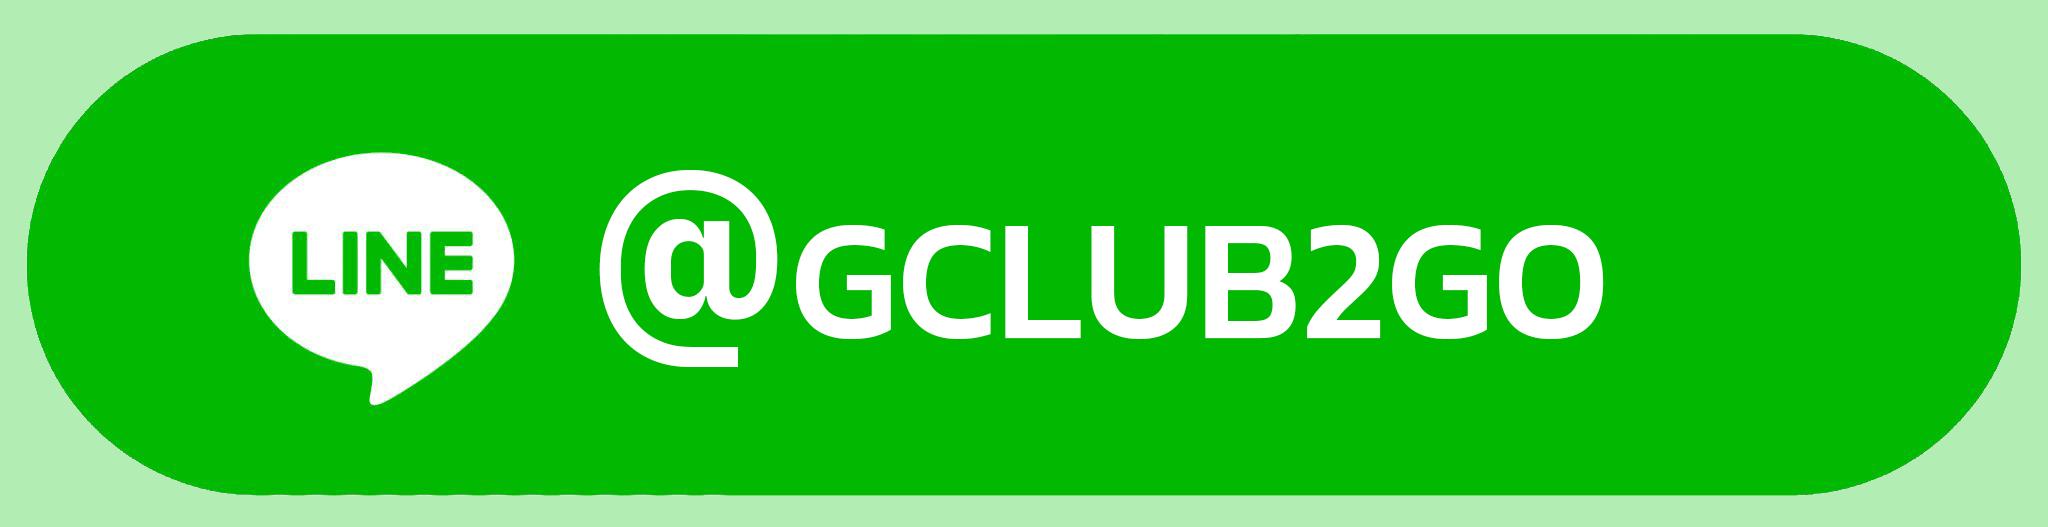 gclub-line